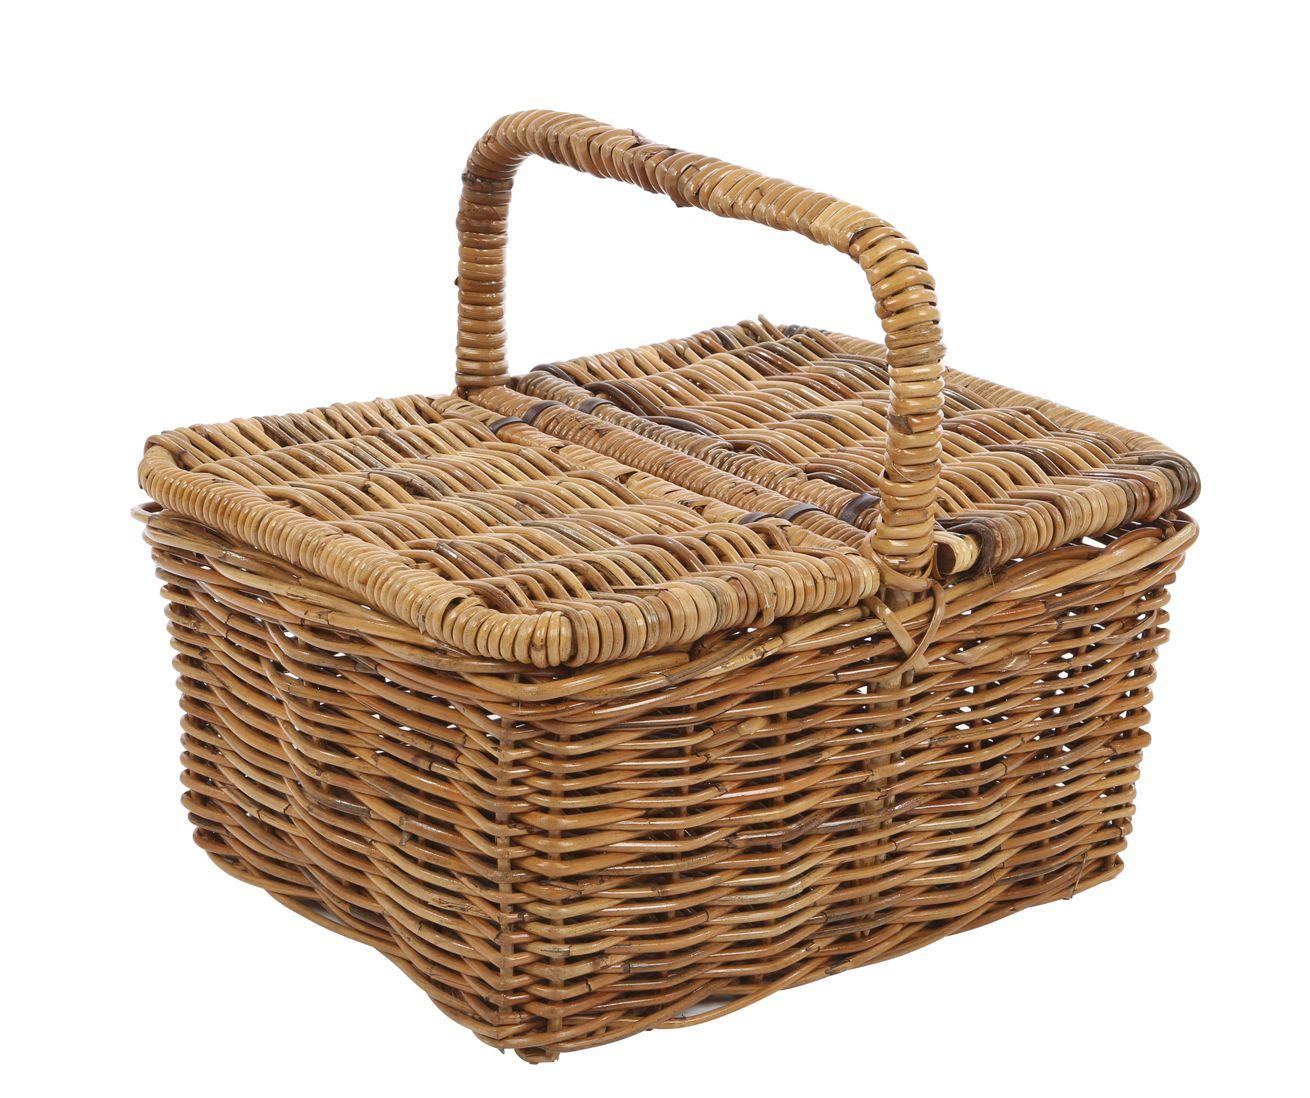 picknickkorb 9171 natur picknickk rbe. Black Bedroom Furniture Sets. Home Design Ideas